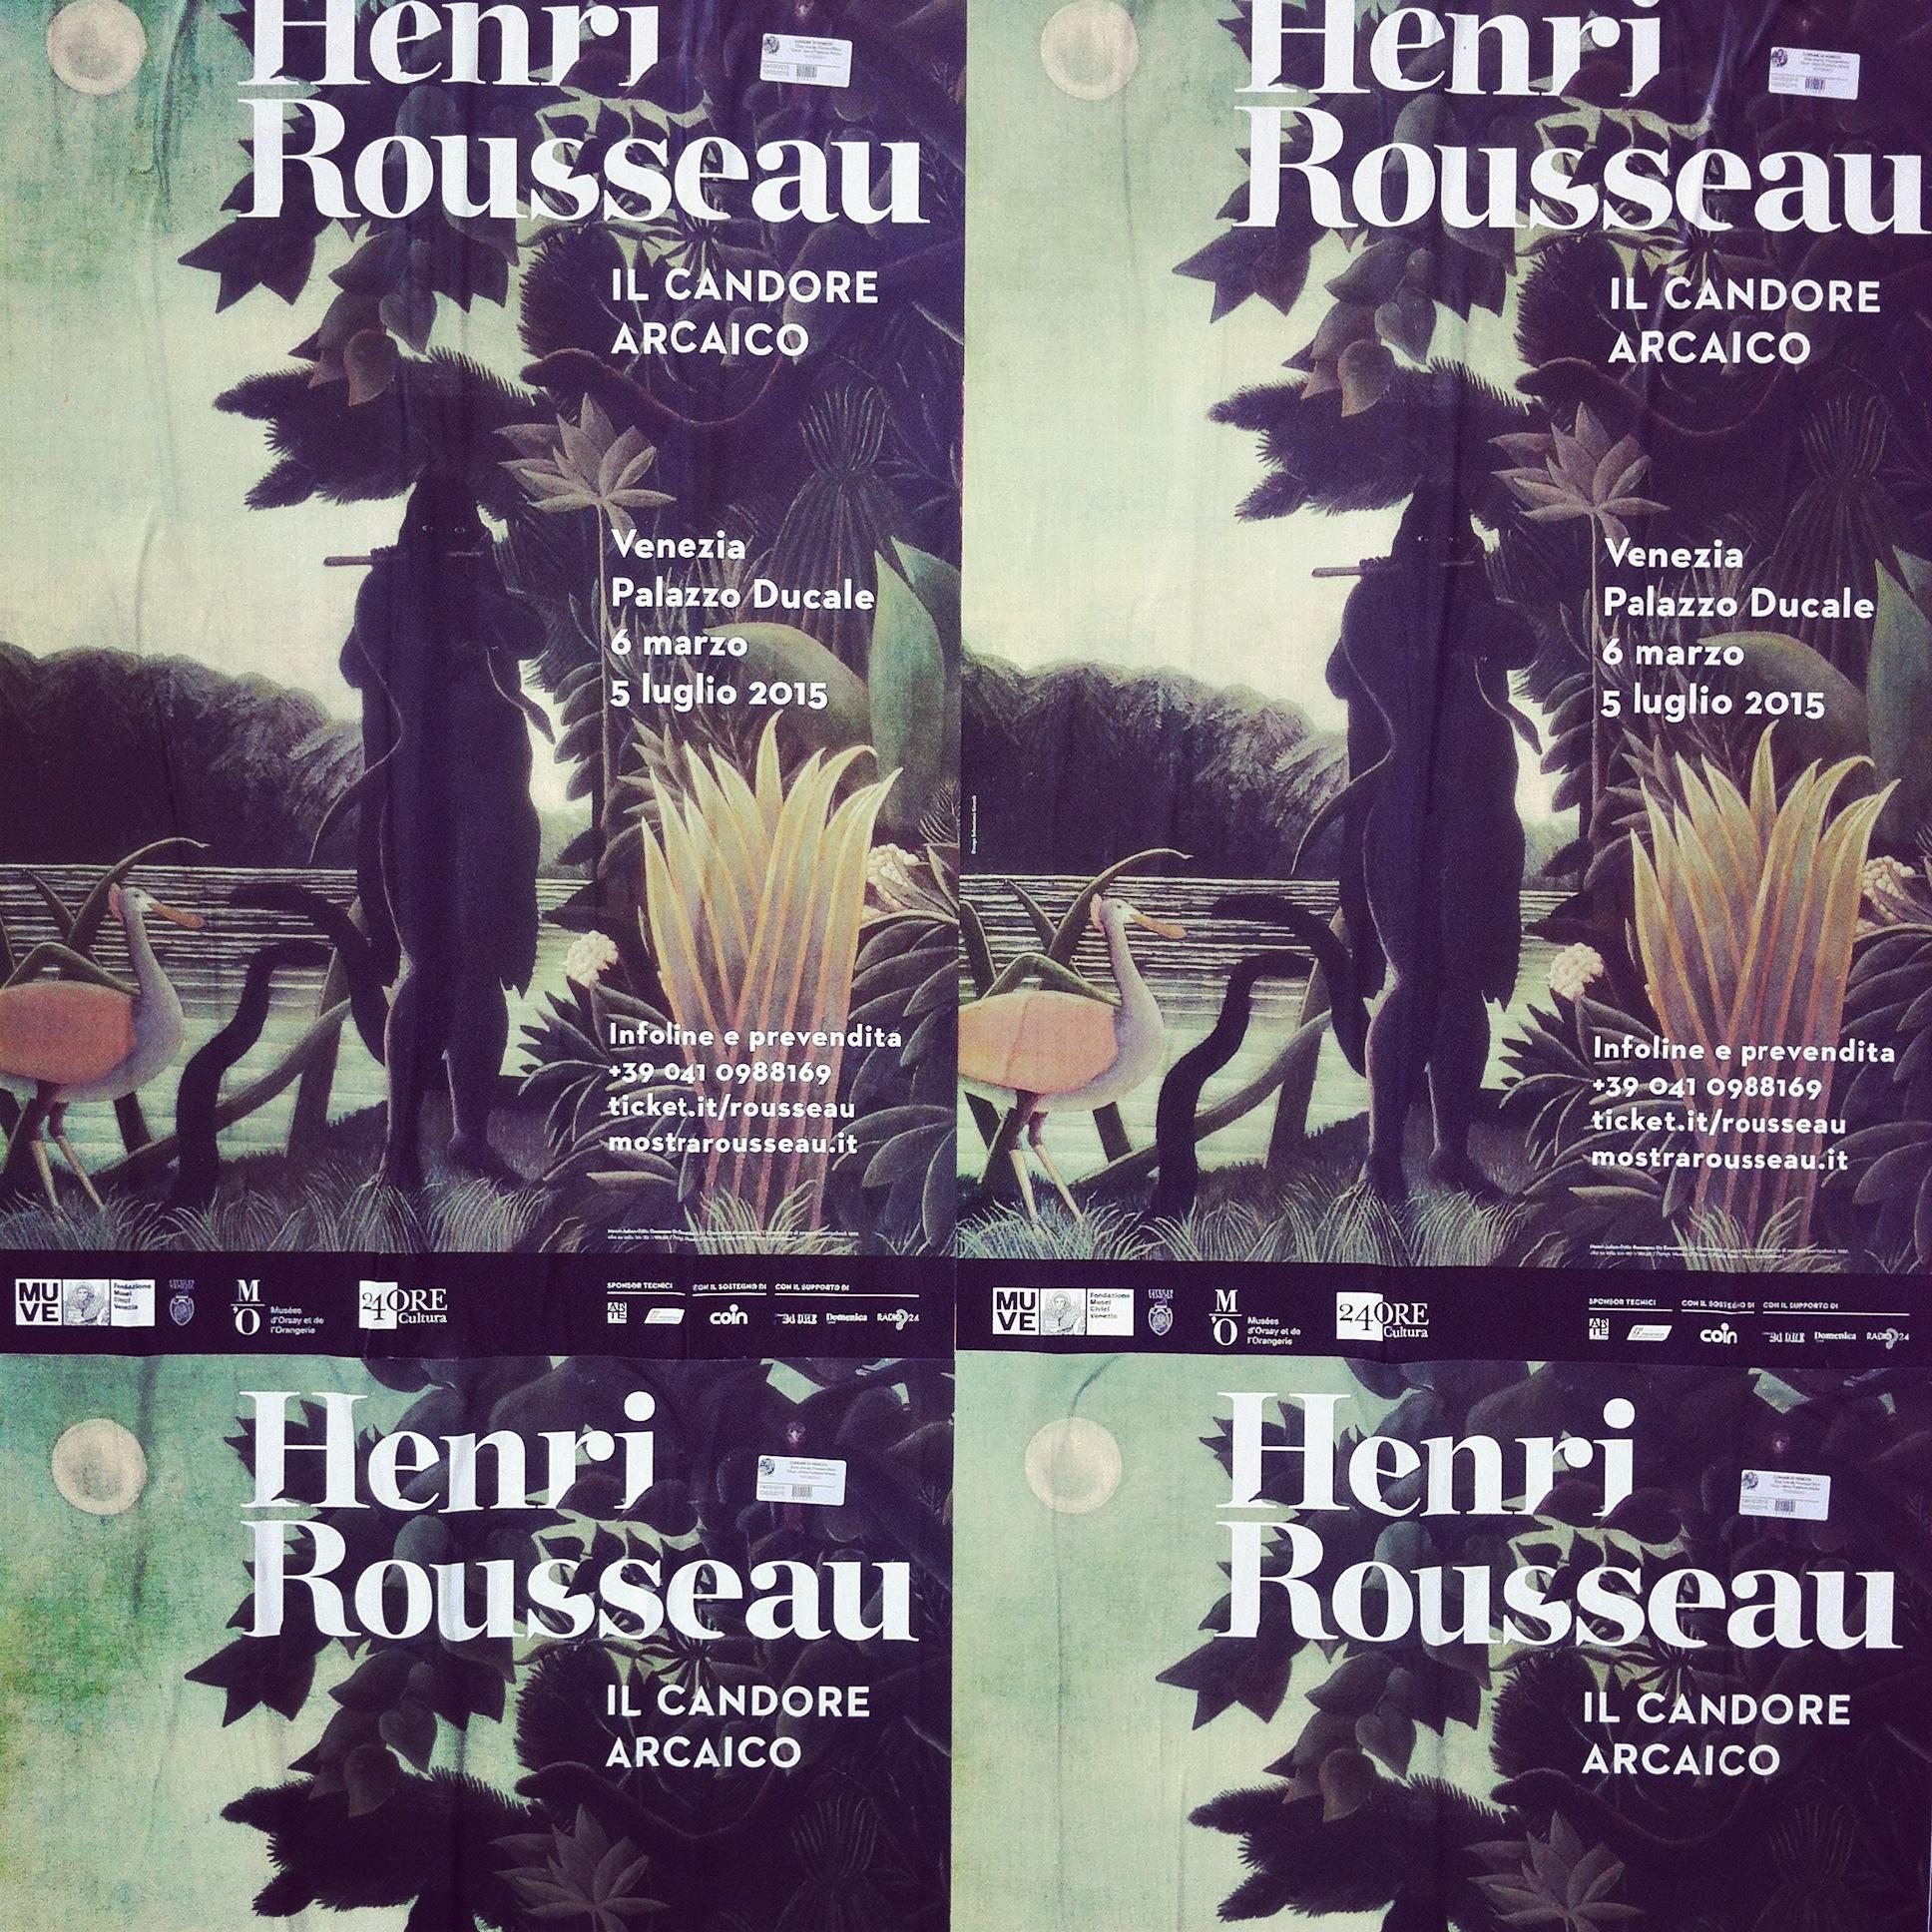 Henri-RousseauIl-Candore-Arcaico-002